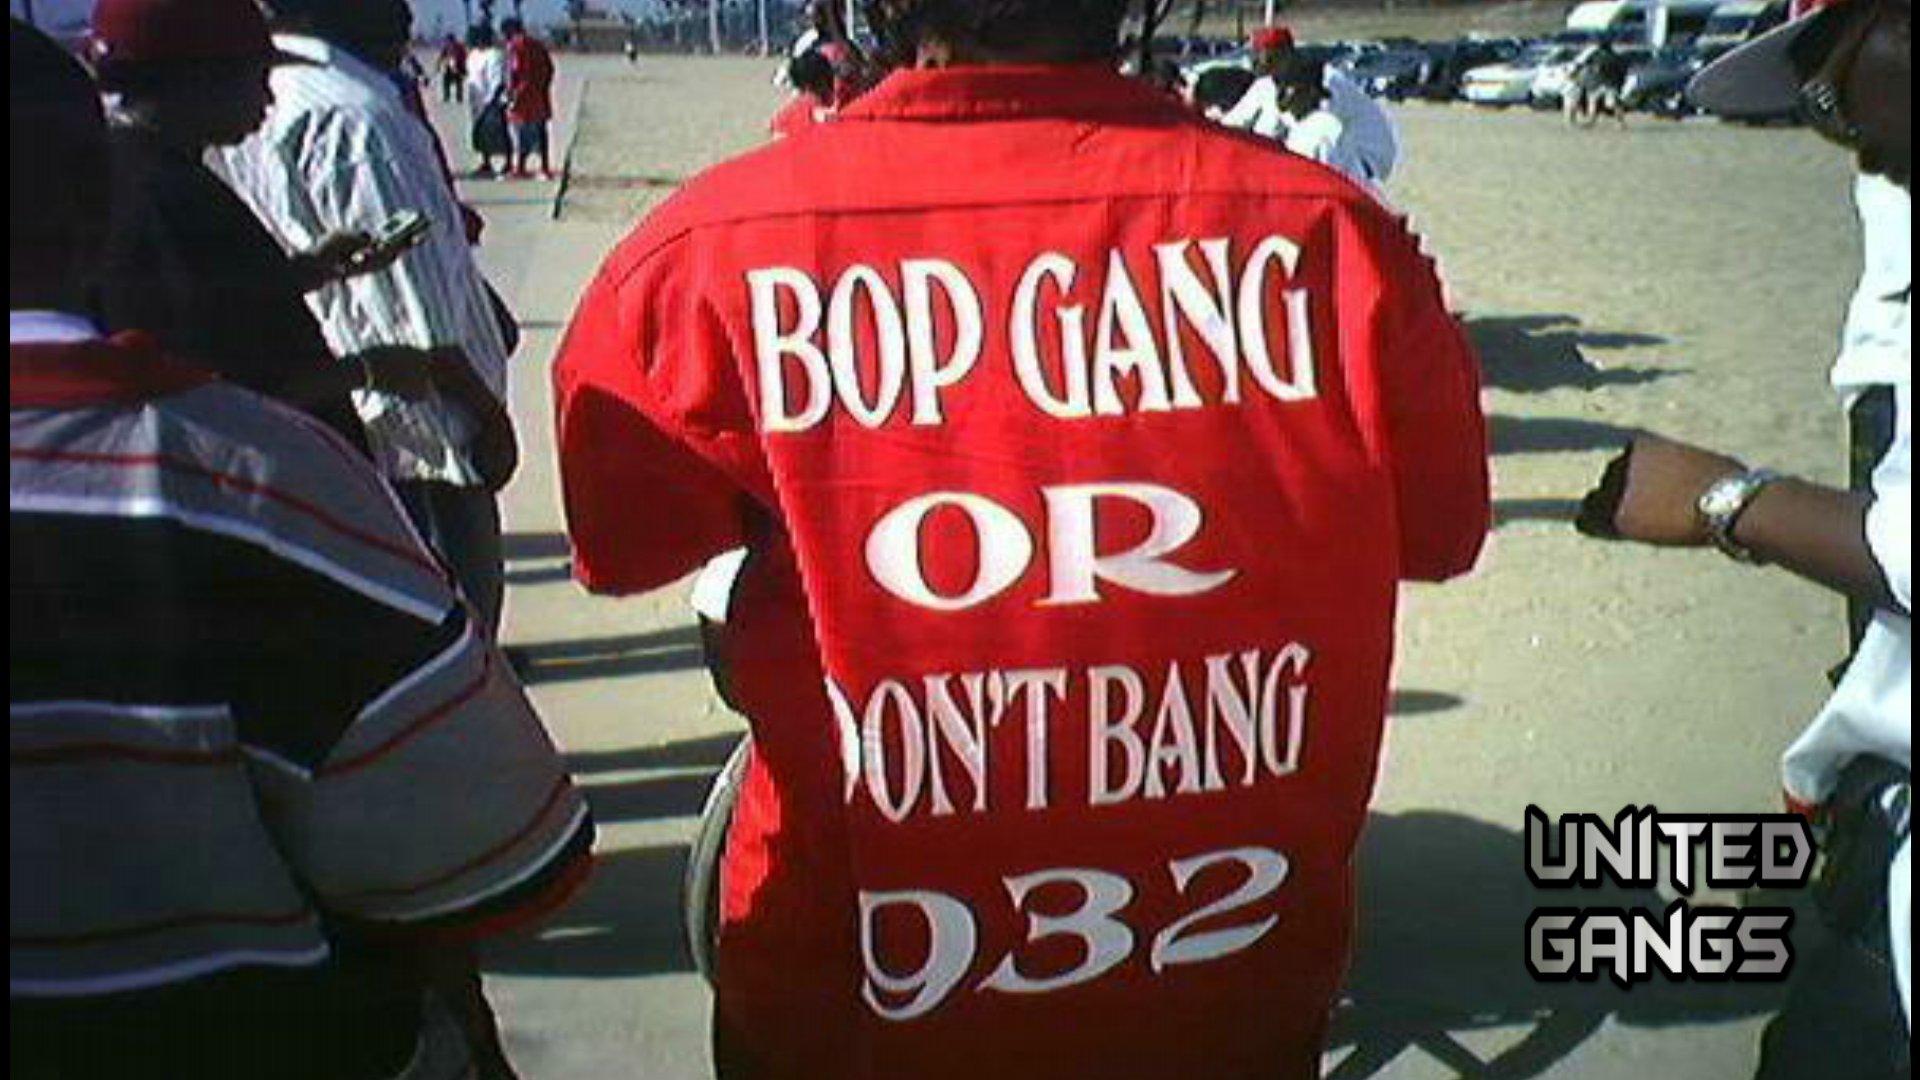 9 deuce bishop blood gang members arrested